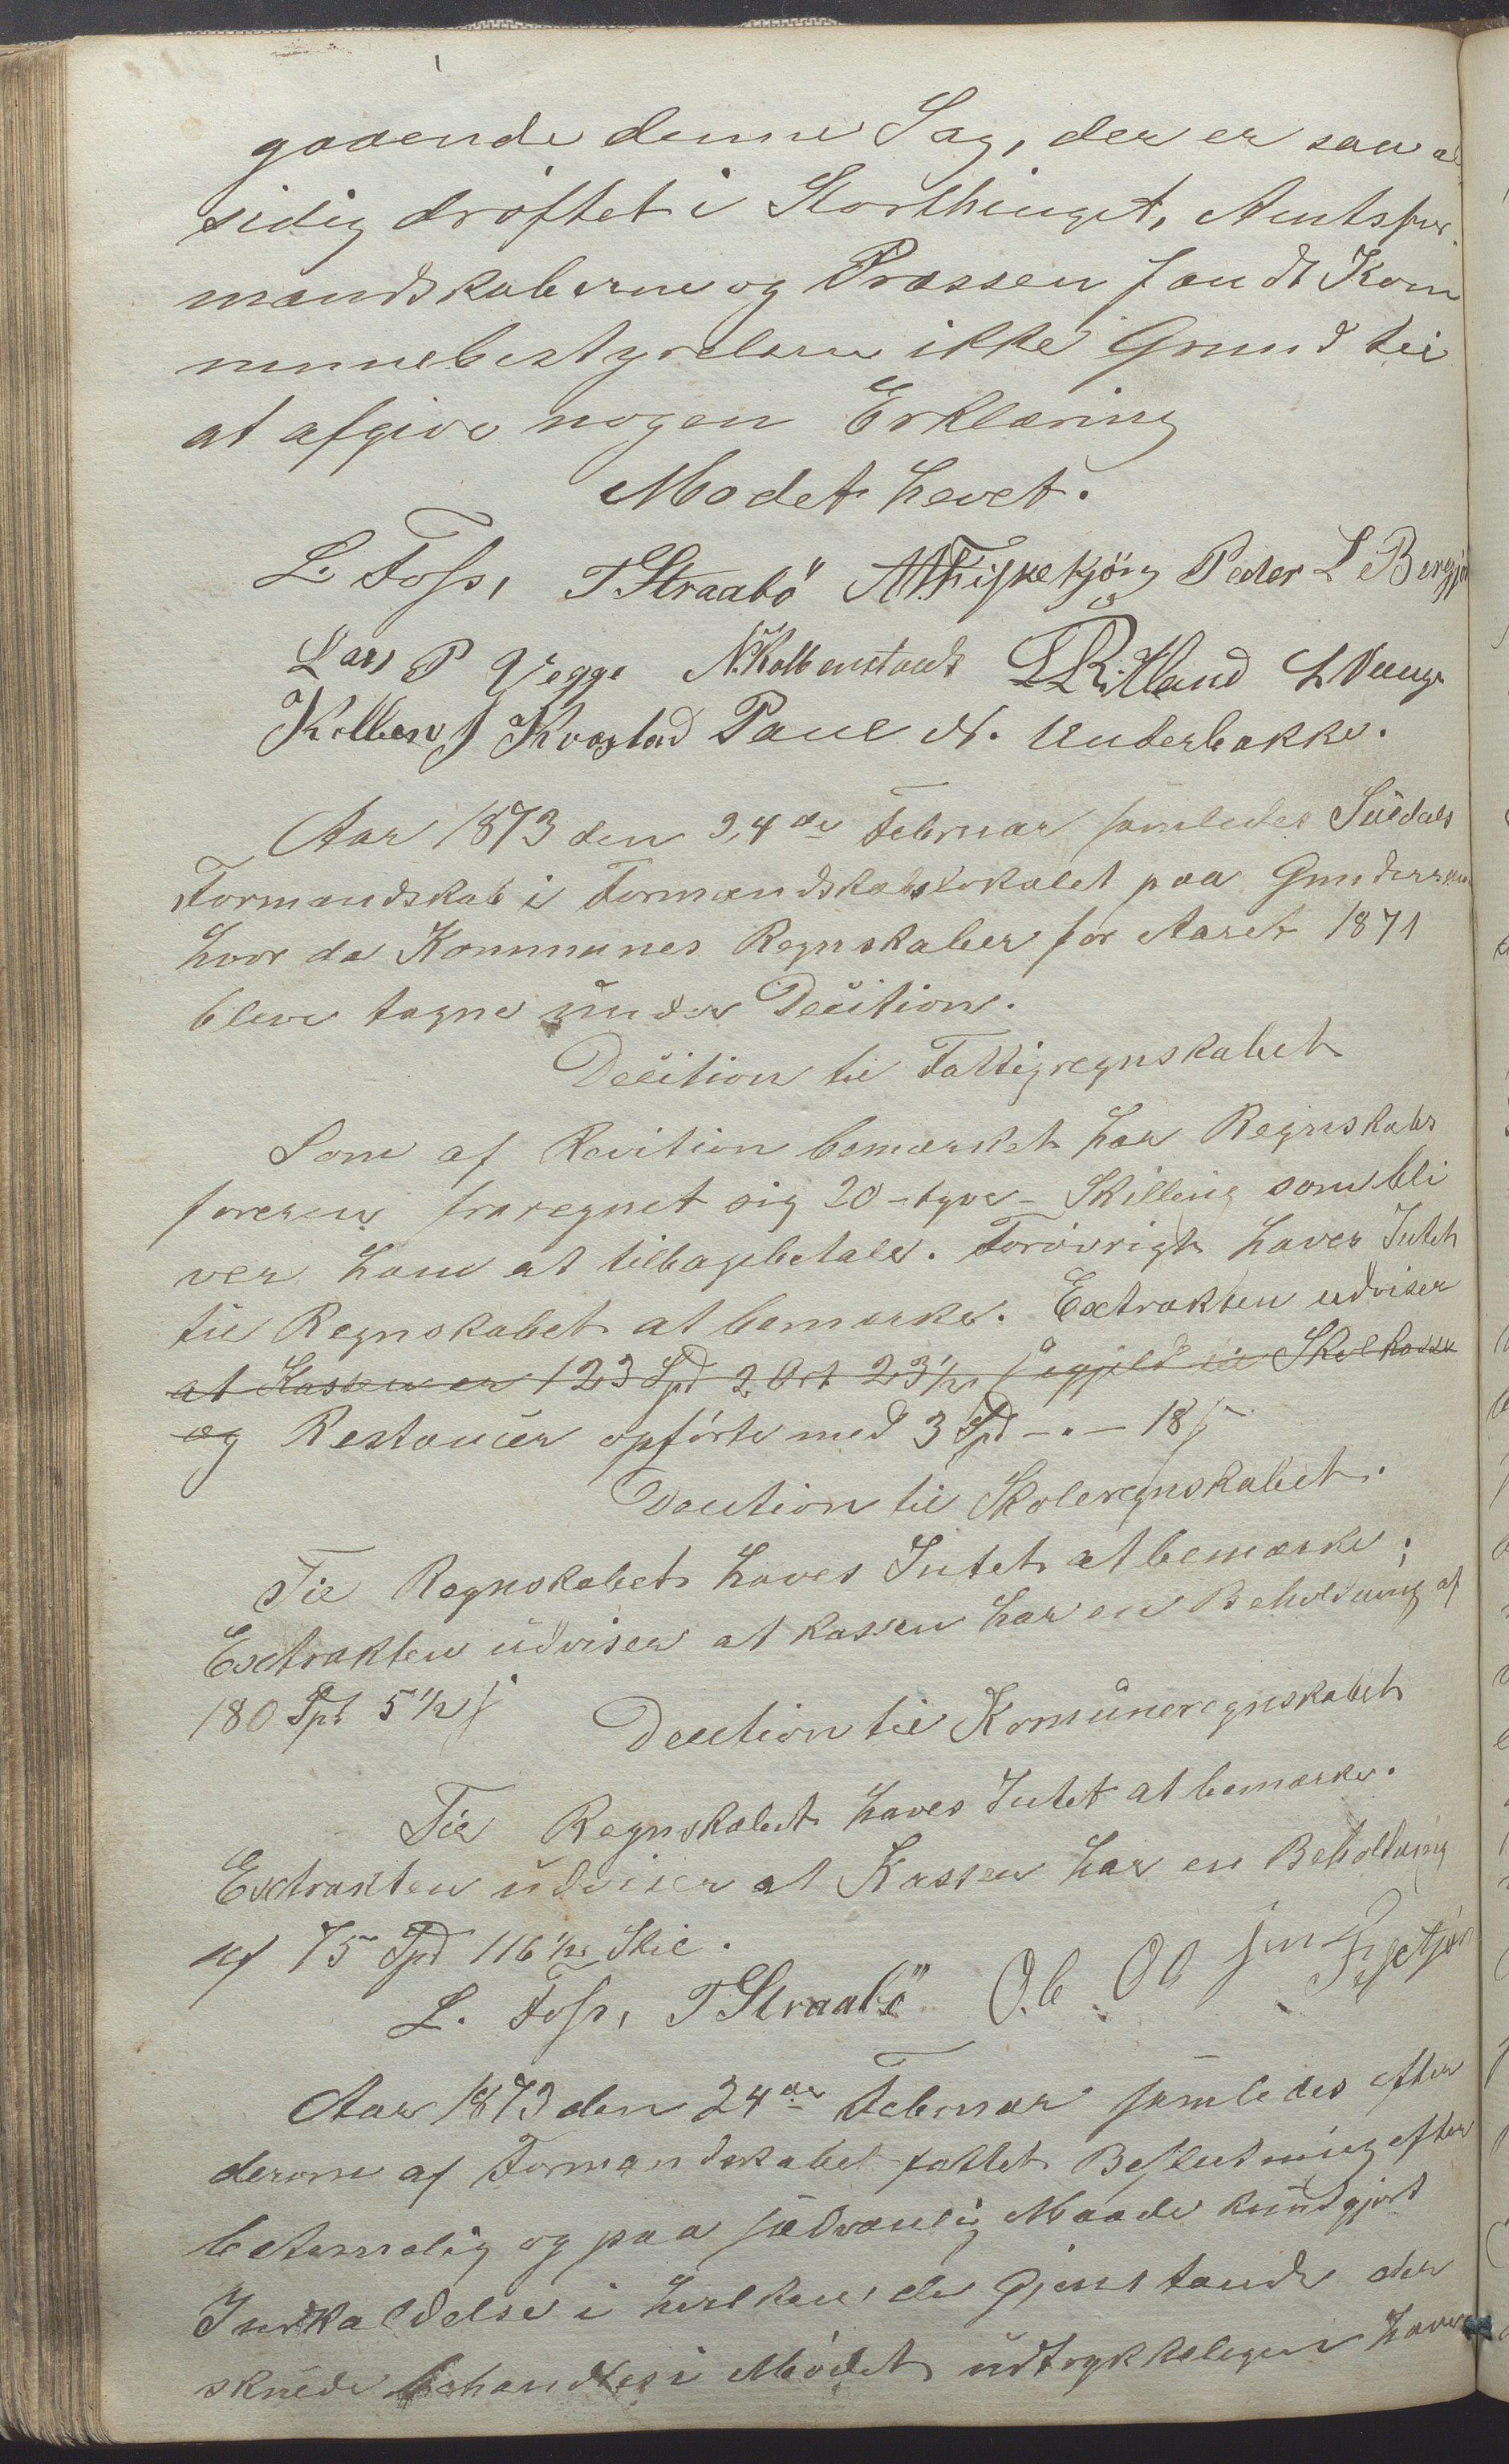 IKAR, Suldal kommune - Formannskapet/Rådmannen, A/Aa/L0001: Møtebok, 1837-1876, s. 206b